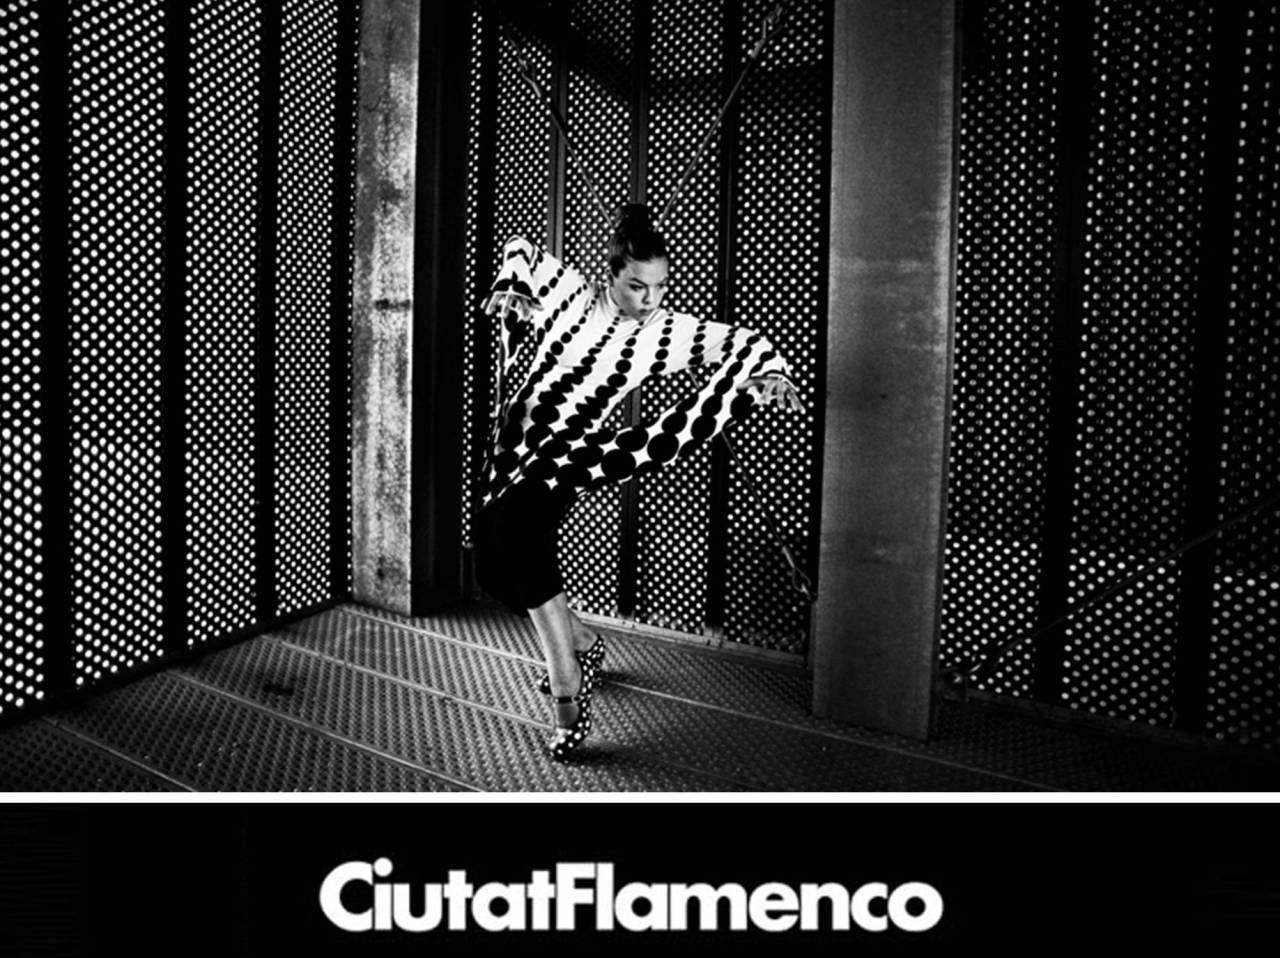 Este fin de CIUTAT FLAMENCO en el MERCAT con Rocío Molina y su CAÍDA DEL CIELO y sábado 19h30 actuación gratuita de José Manuel Álvarez DSTRUCTURES